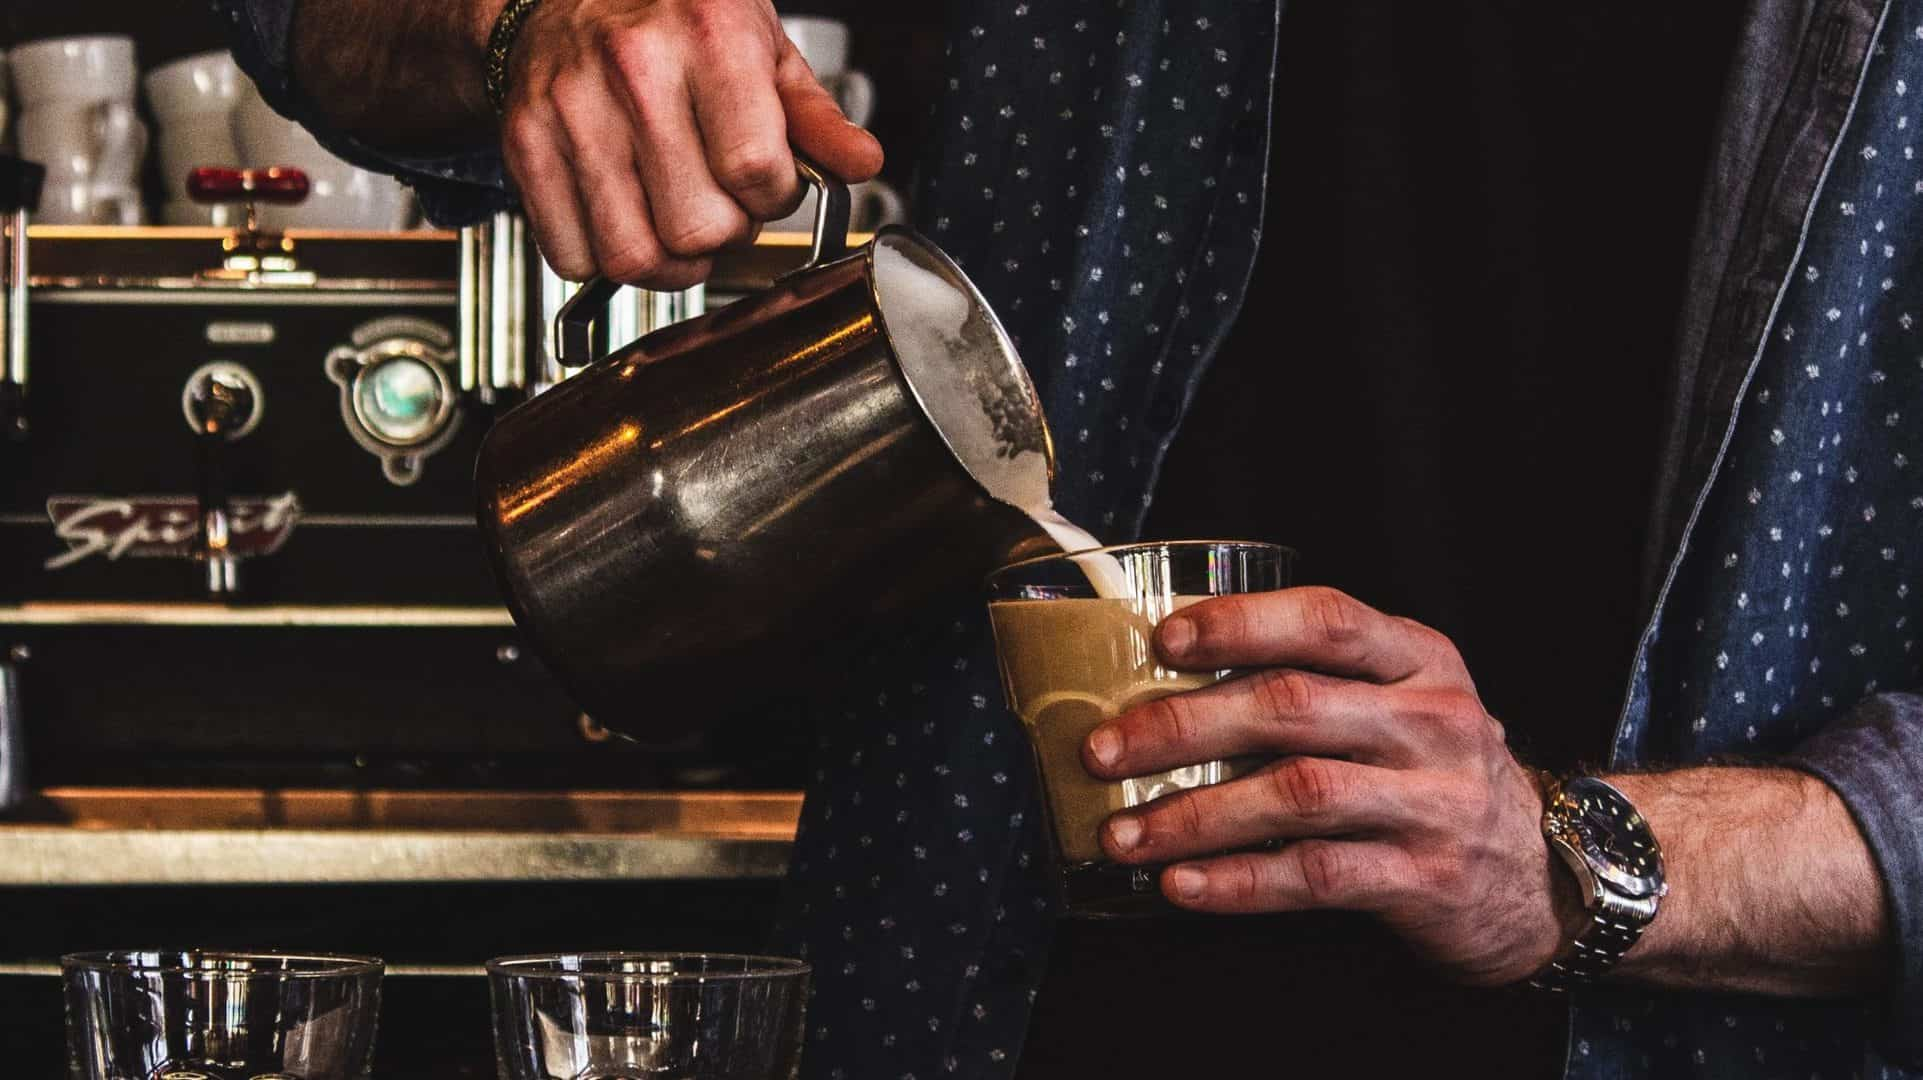 Persoon giet opgeschuimde melk in glas koffie.